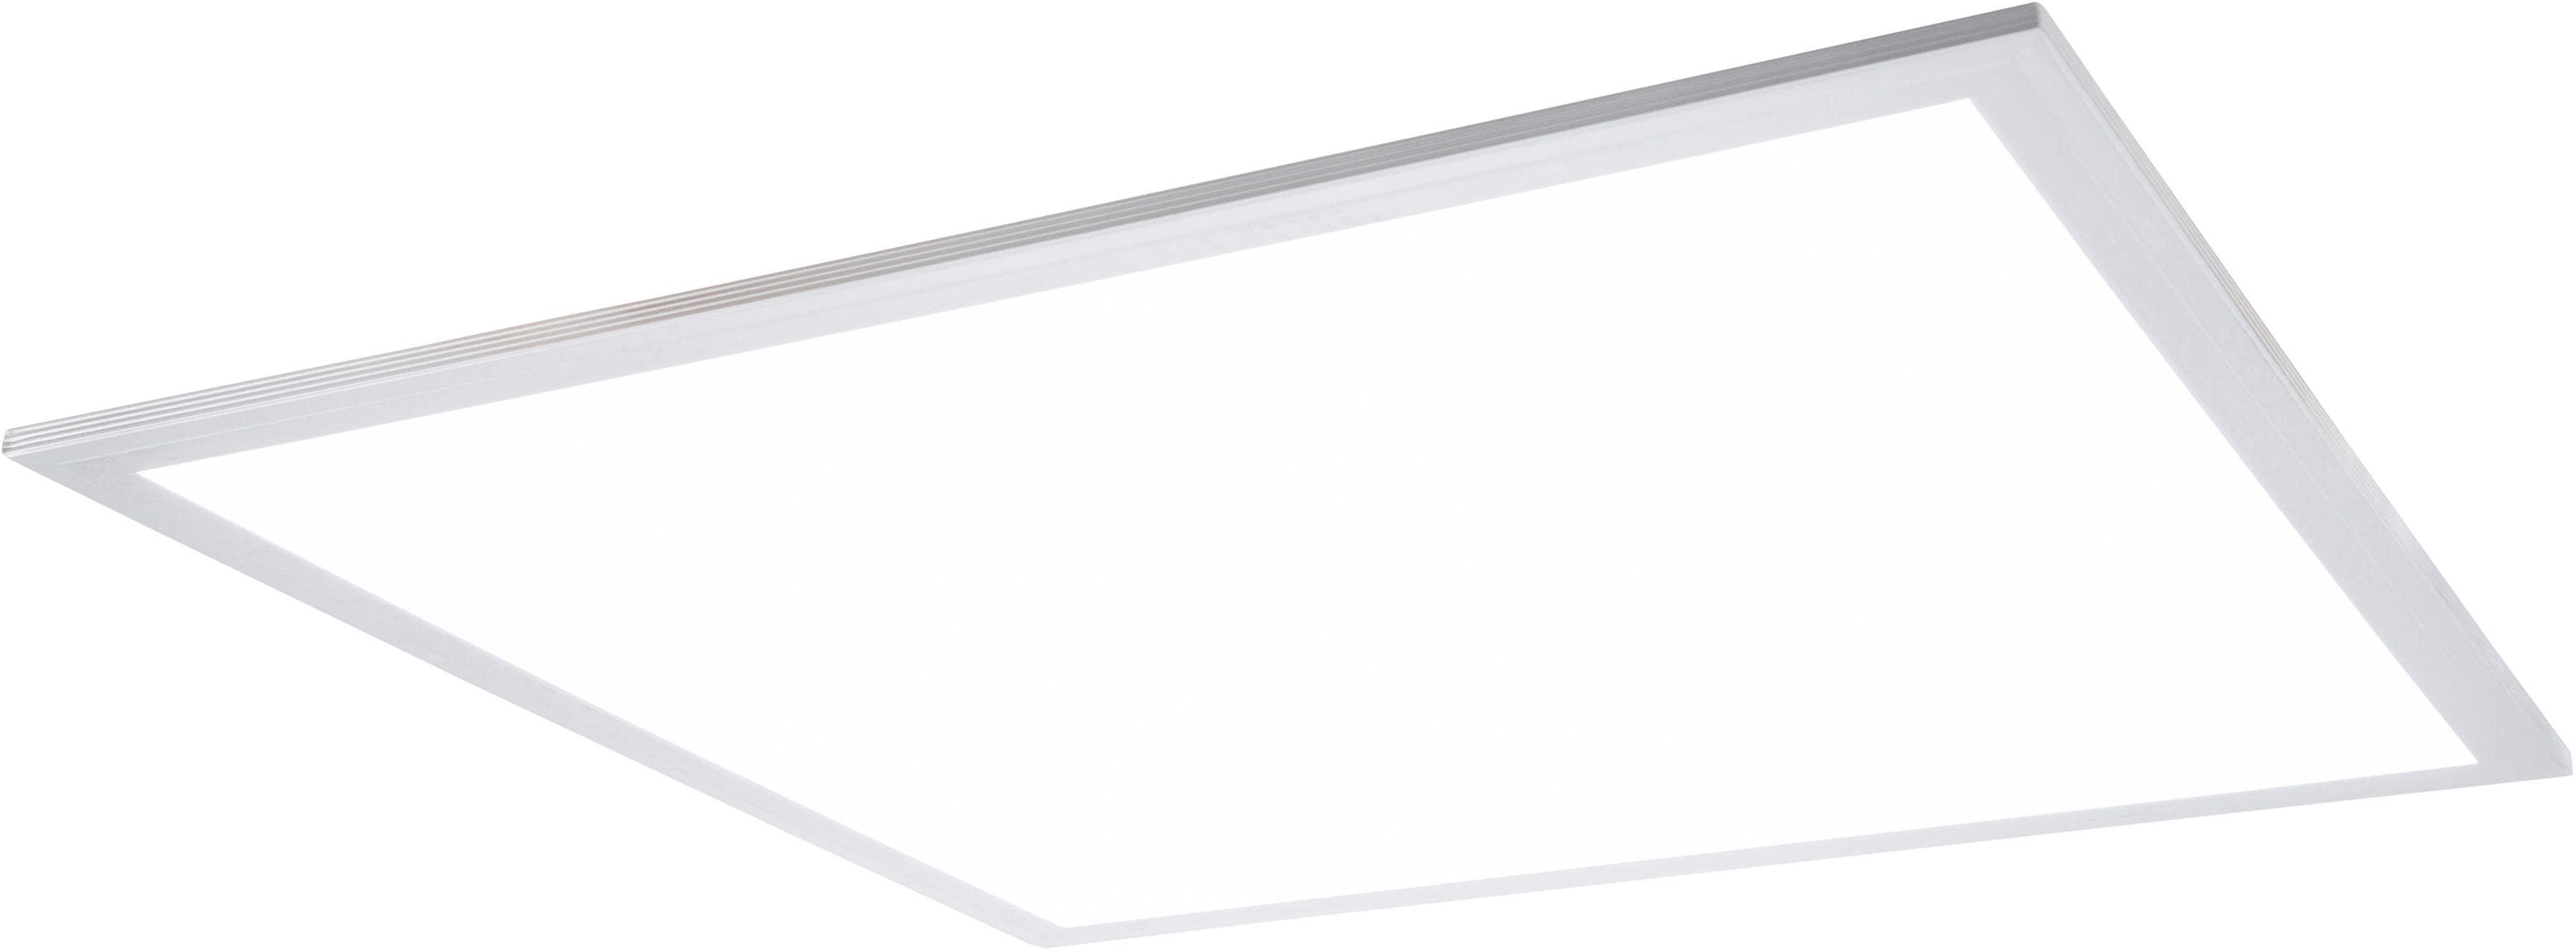 Nino Leuchten LED Deckenleuchte PANELO, LED-Board, Warmweiß, LED Deckenlampe